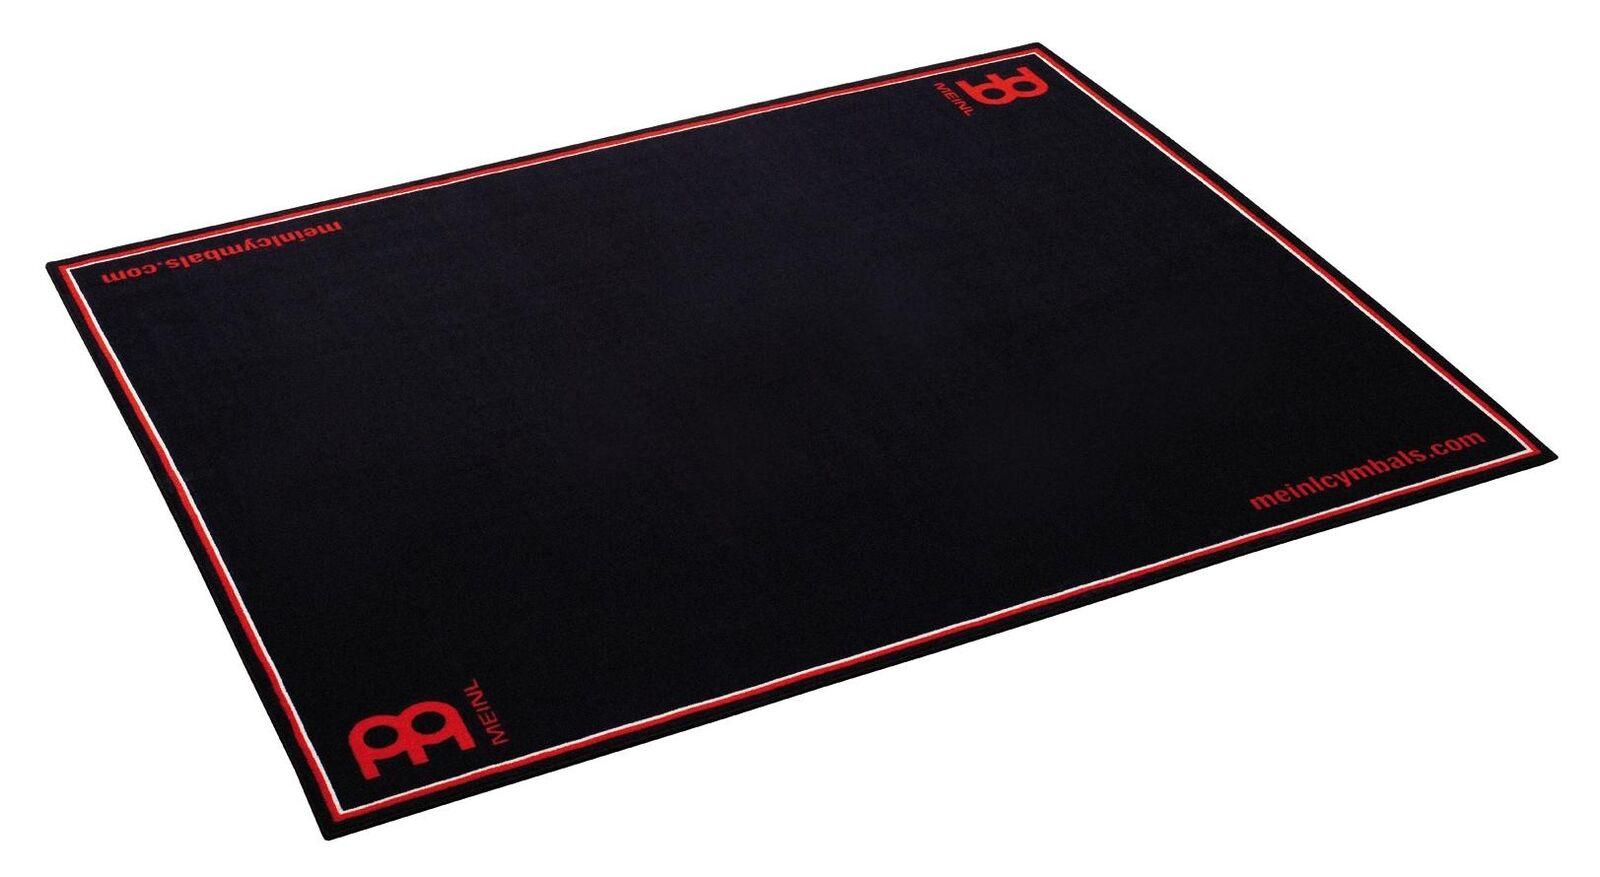 Großer Schlagzeug-Teppich in schwarz von Meinl mit rutschfester Gummiunterseite